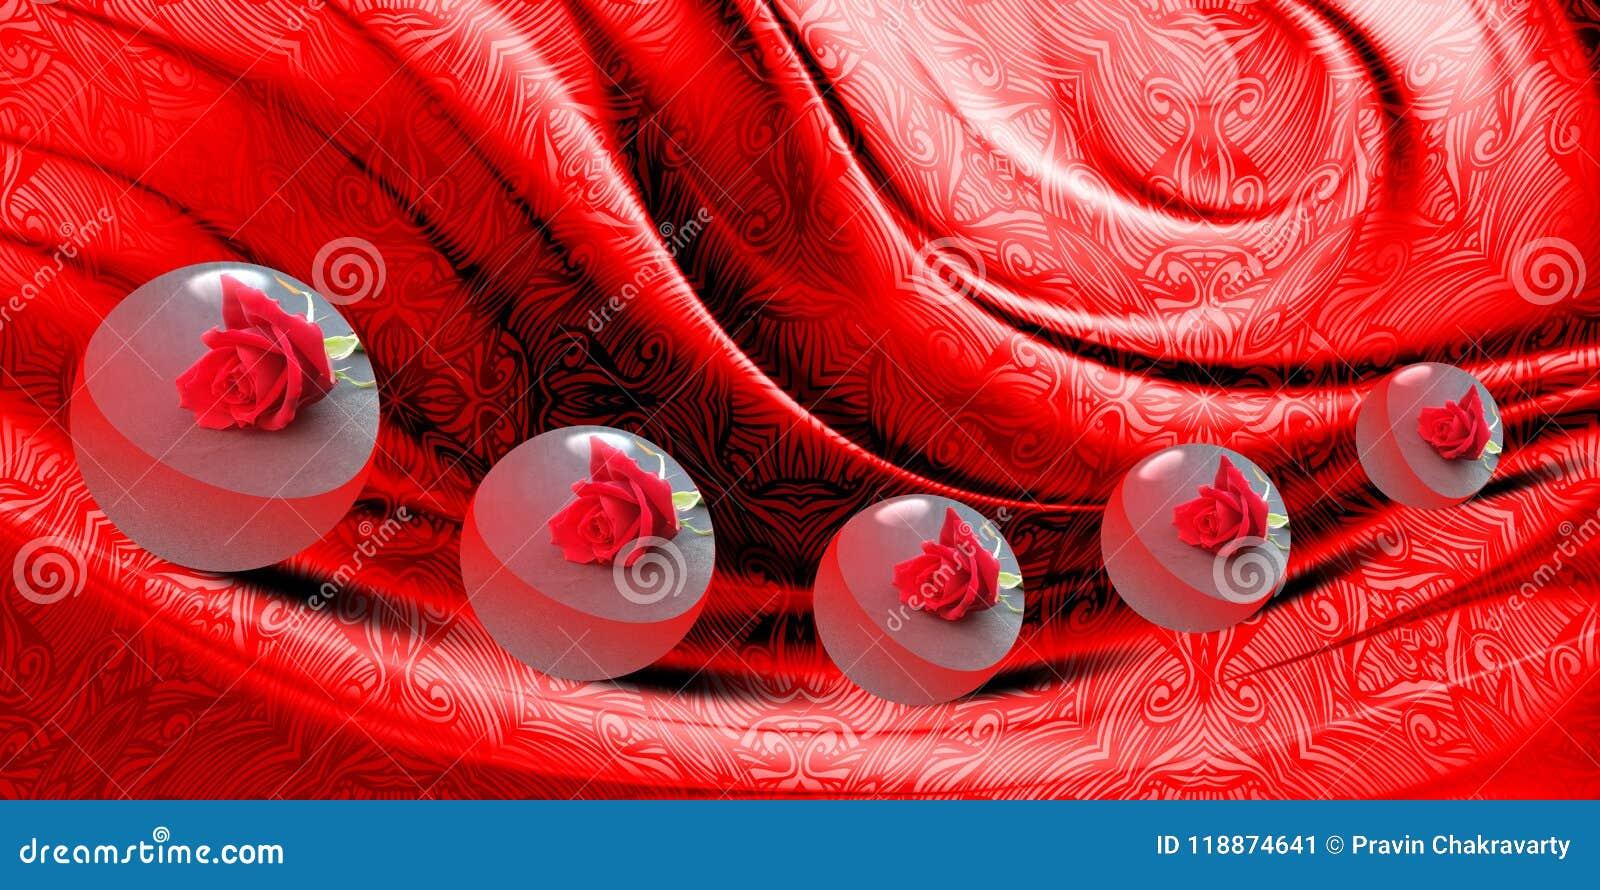 Röd skuggad krabb texturerad bakgrund för abstrakt vektor med förehavanden av fröhuset för 3 D med textur, vektorillustration